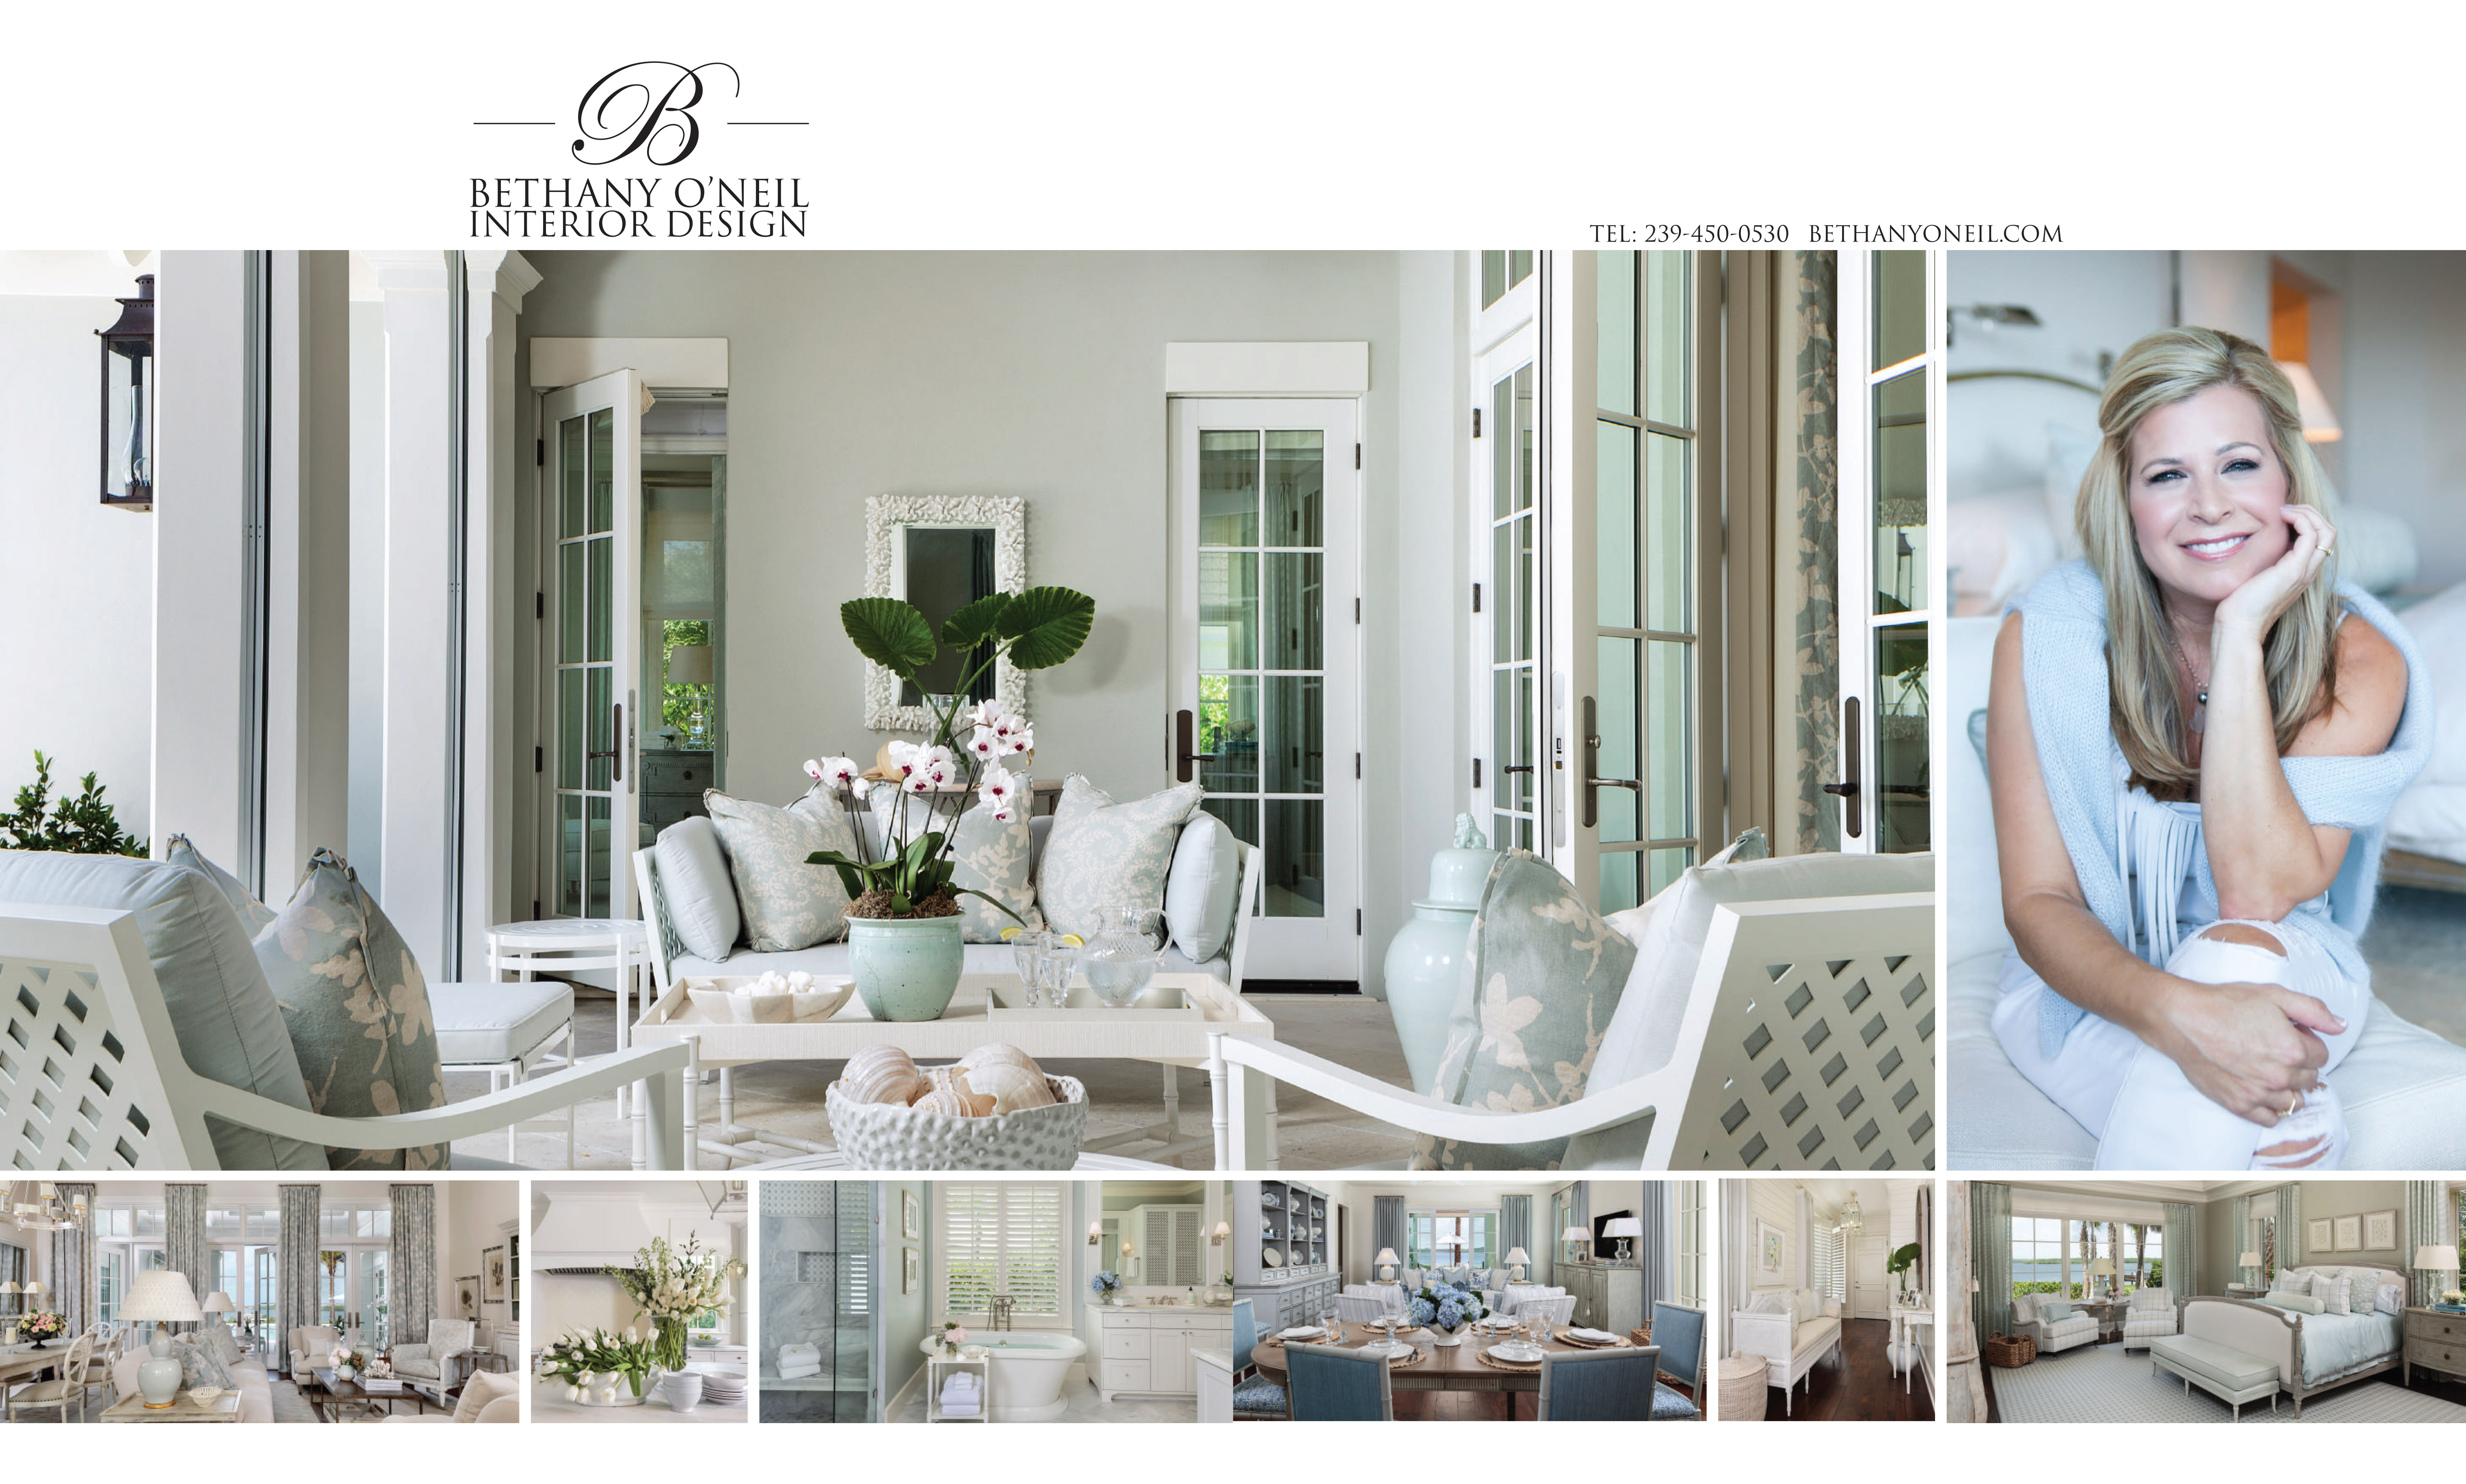 Bethany O'Neil Home & Design Ad